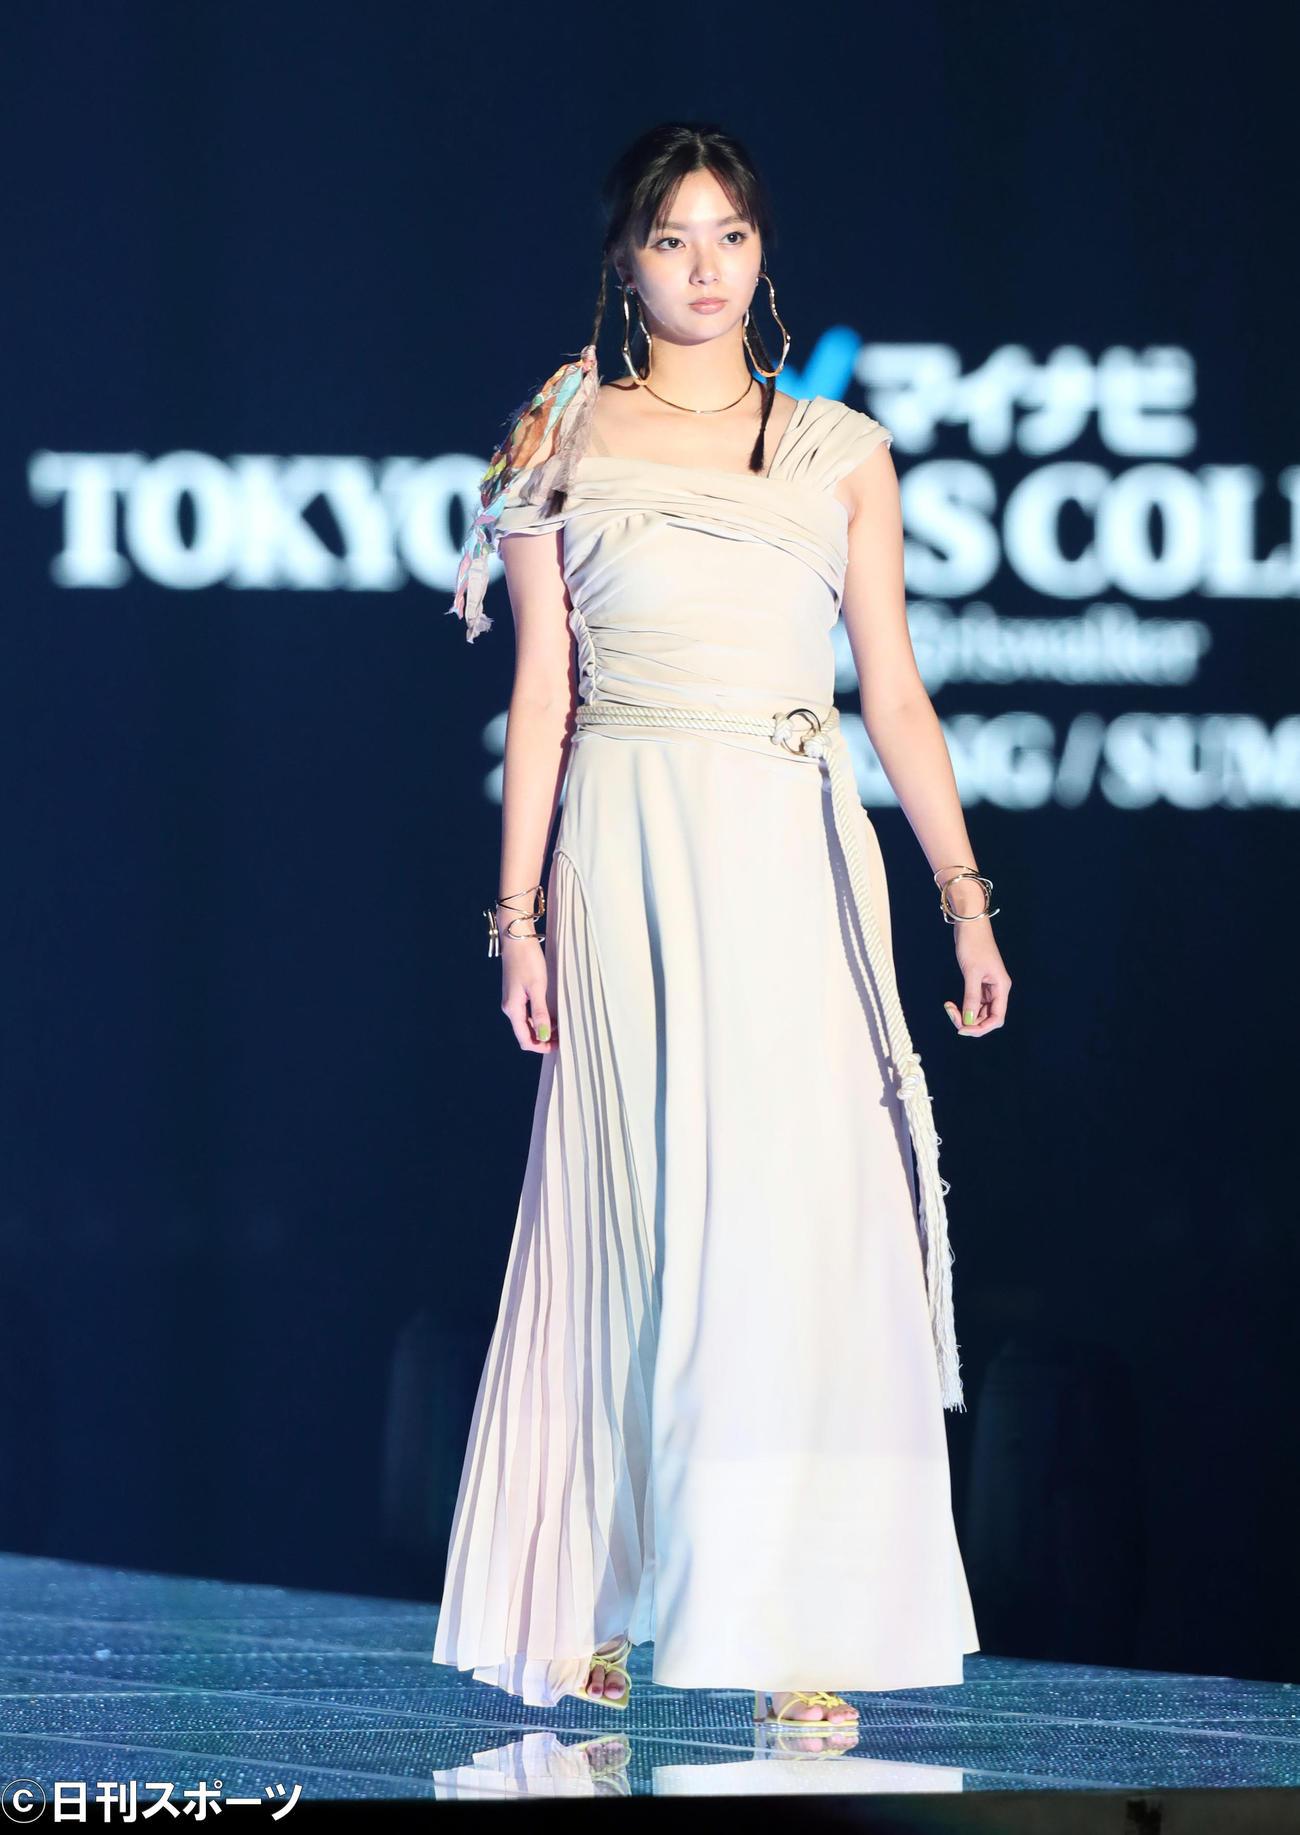 「マイナビ トーキョーガールズコレクション2020」で華麗にランウェーを歩く新川優愛(撮影・垰建太)